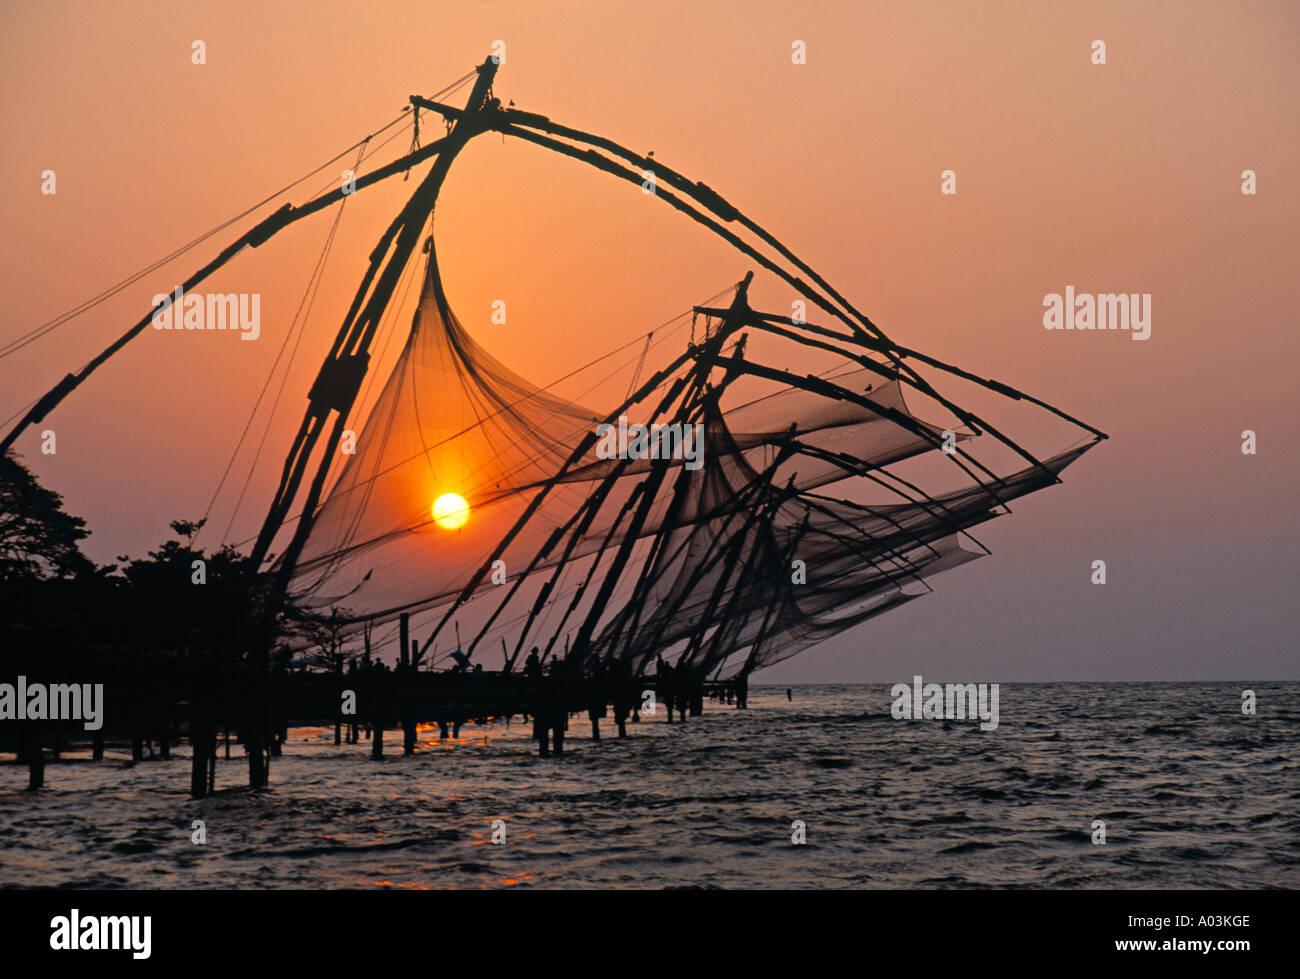 Cinese di reti da pesca, Cochin, Kerala, India Immagini Stock